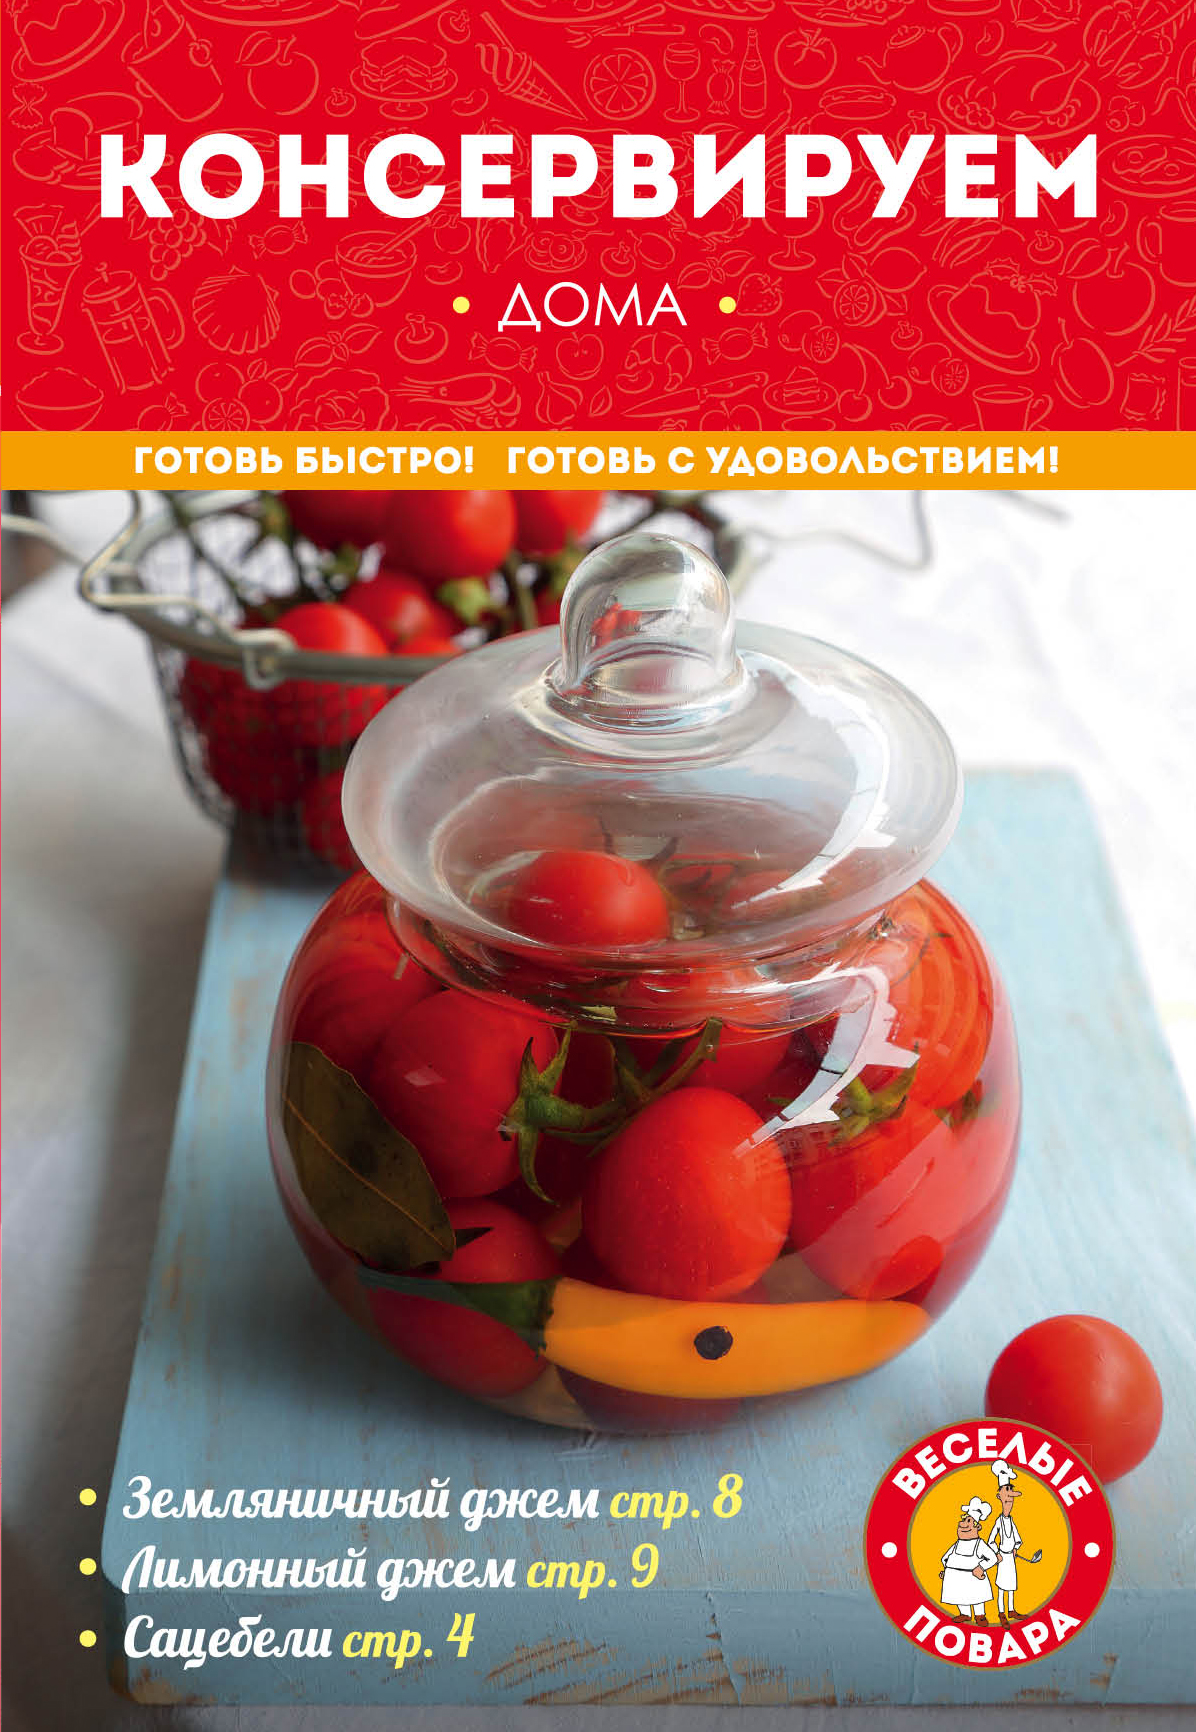 Консервируем дома ярославцева марина юрьевна домашние заготовки для современной хозяйки лучшие рецепты